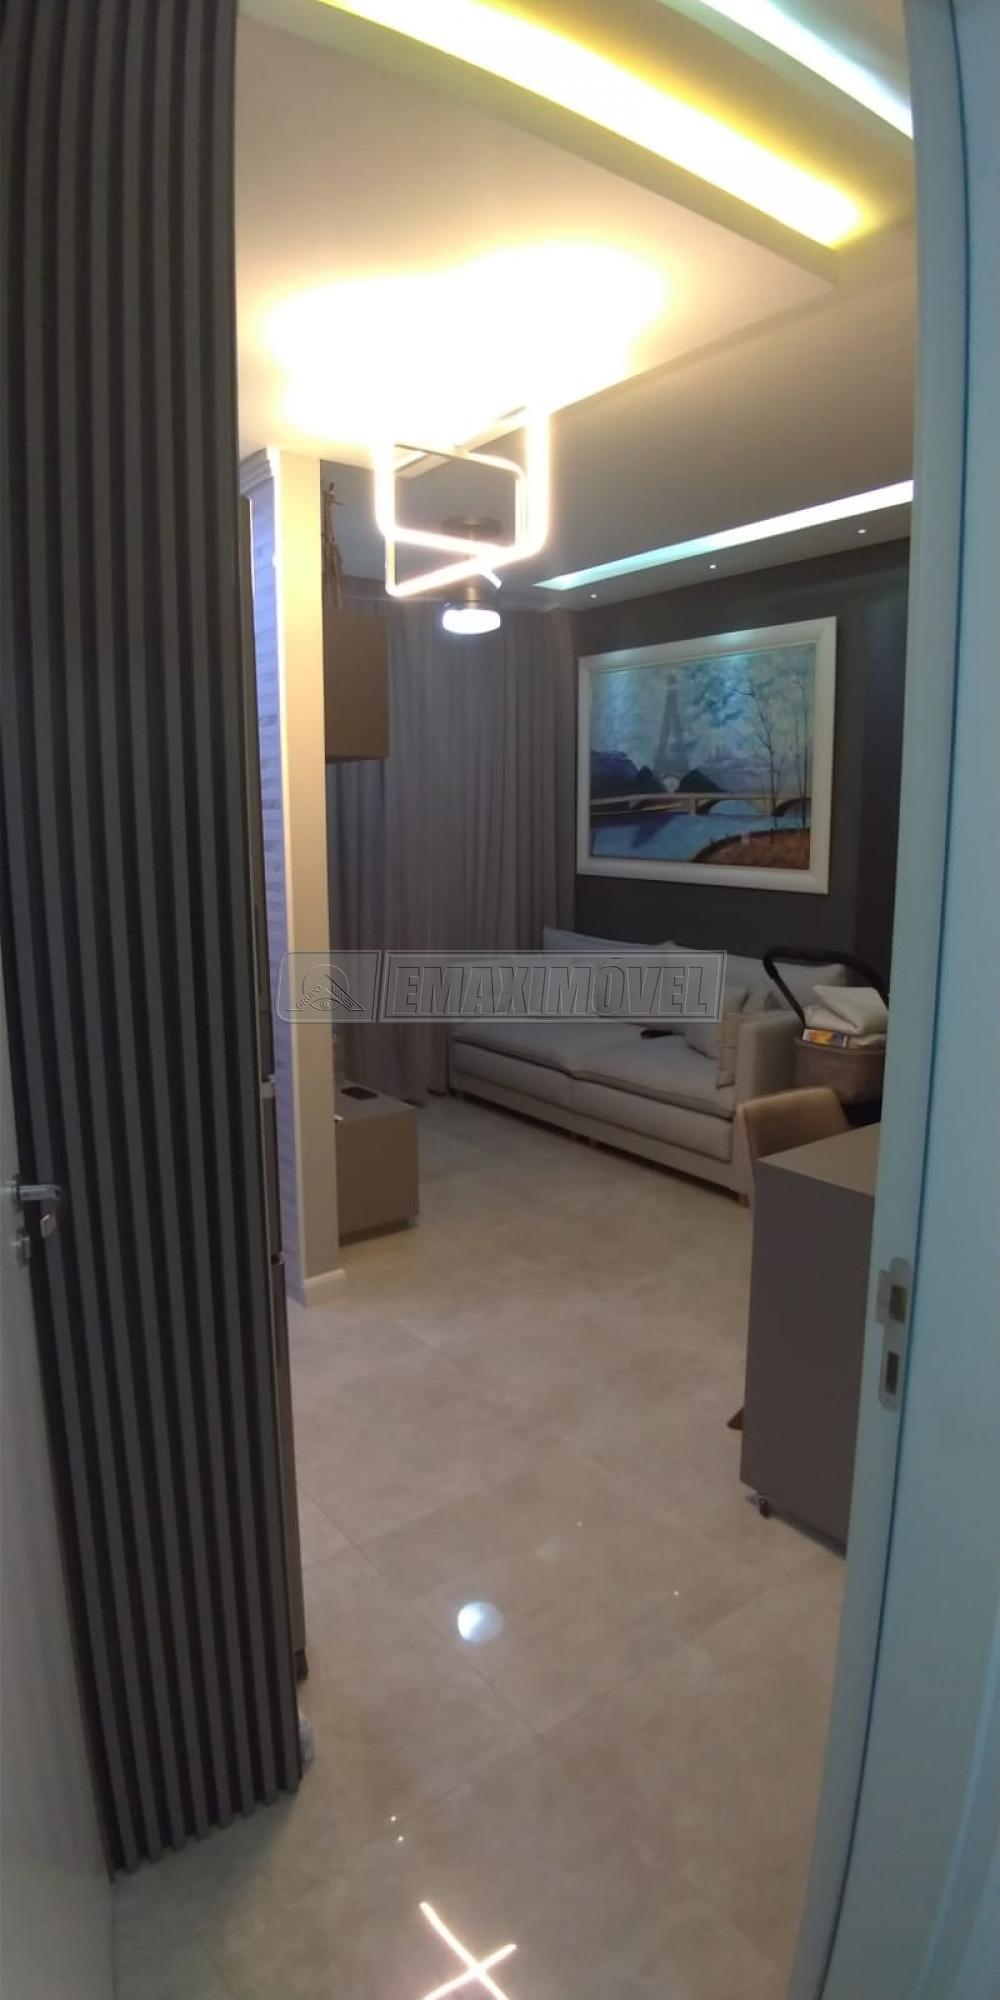 Comprar Apartamento / Padrão em Sorocaba R$ 300.000,00 - Foto 2